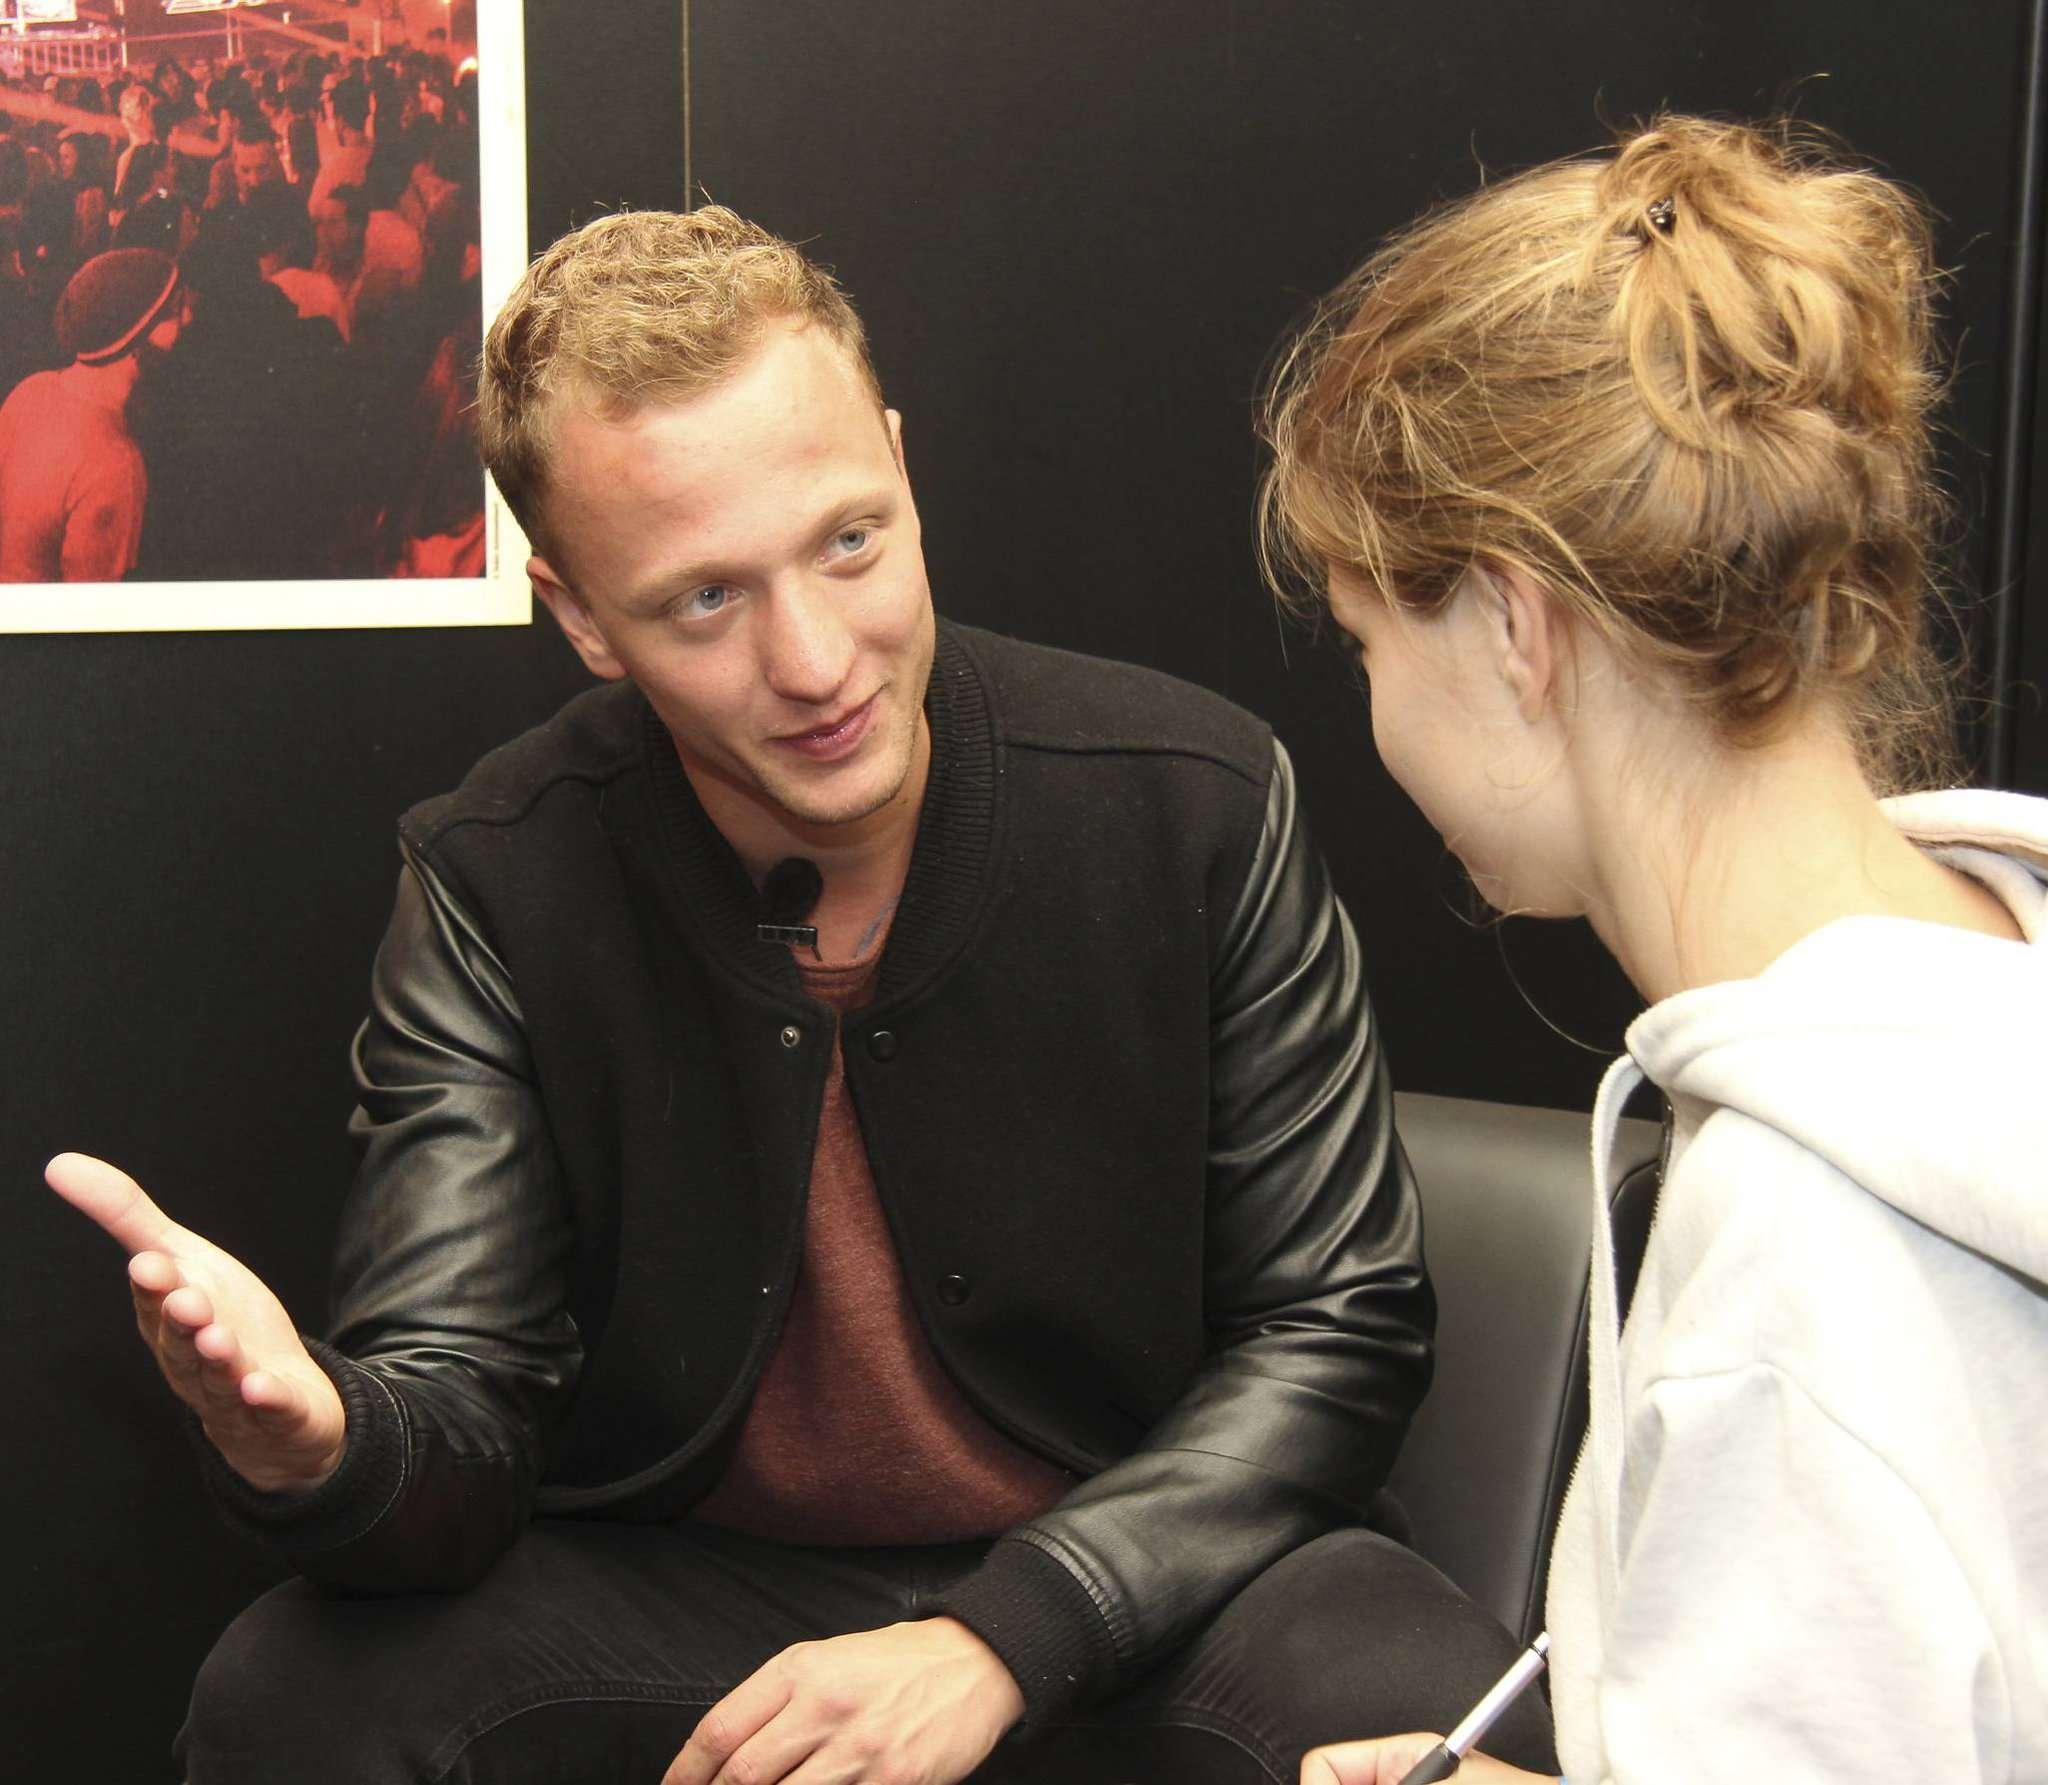 Joris im Gespräch mit Janila Dierks. Foto: Nina Baucke